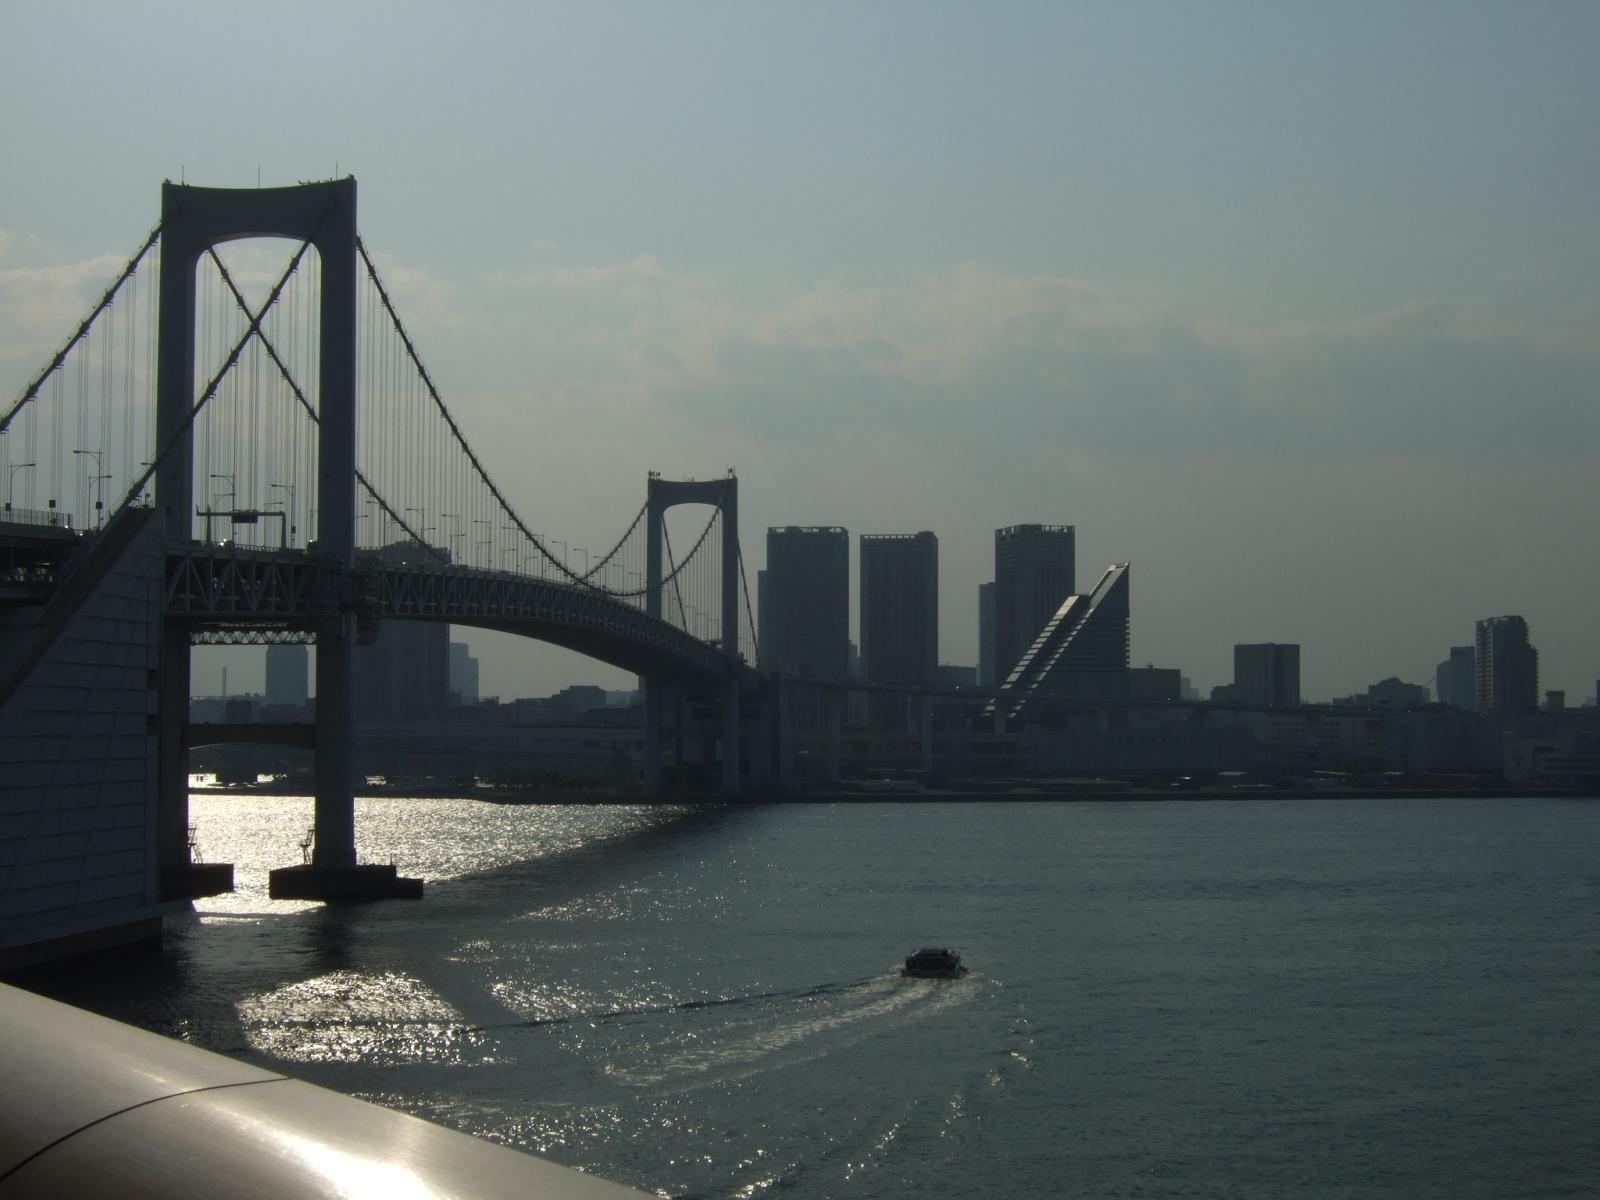 レインボーブリッジ上から,東京湾,海,船〈著作権フリー無料画像〉Free Stock Photos